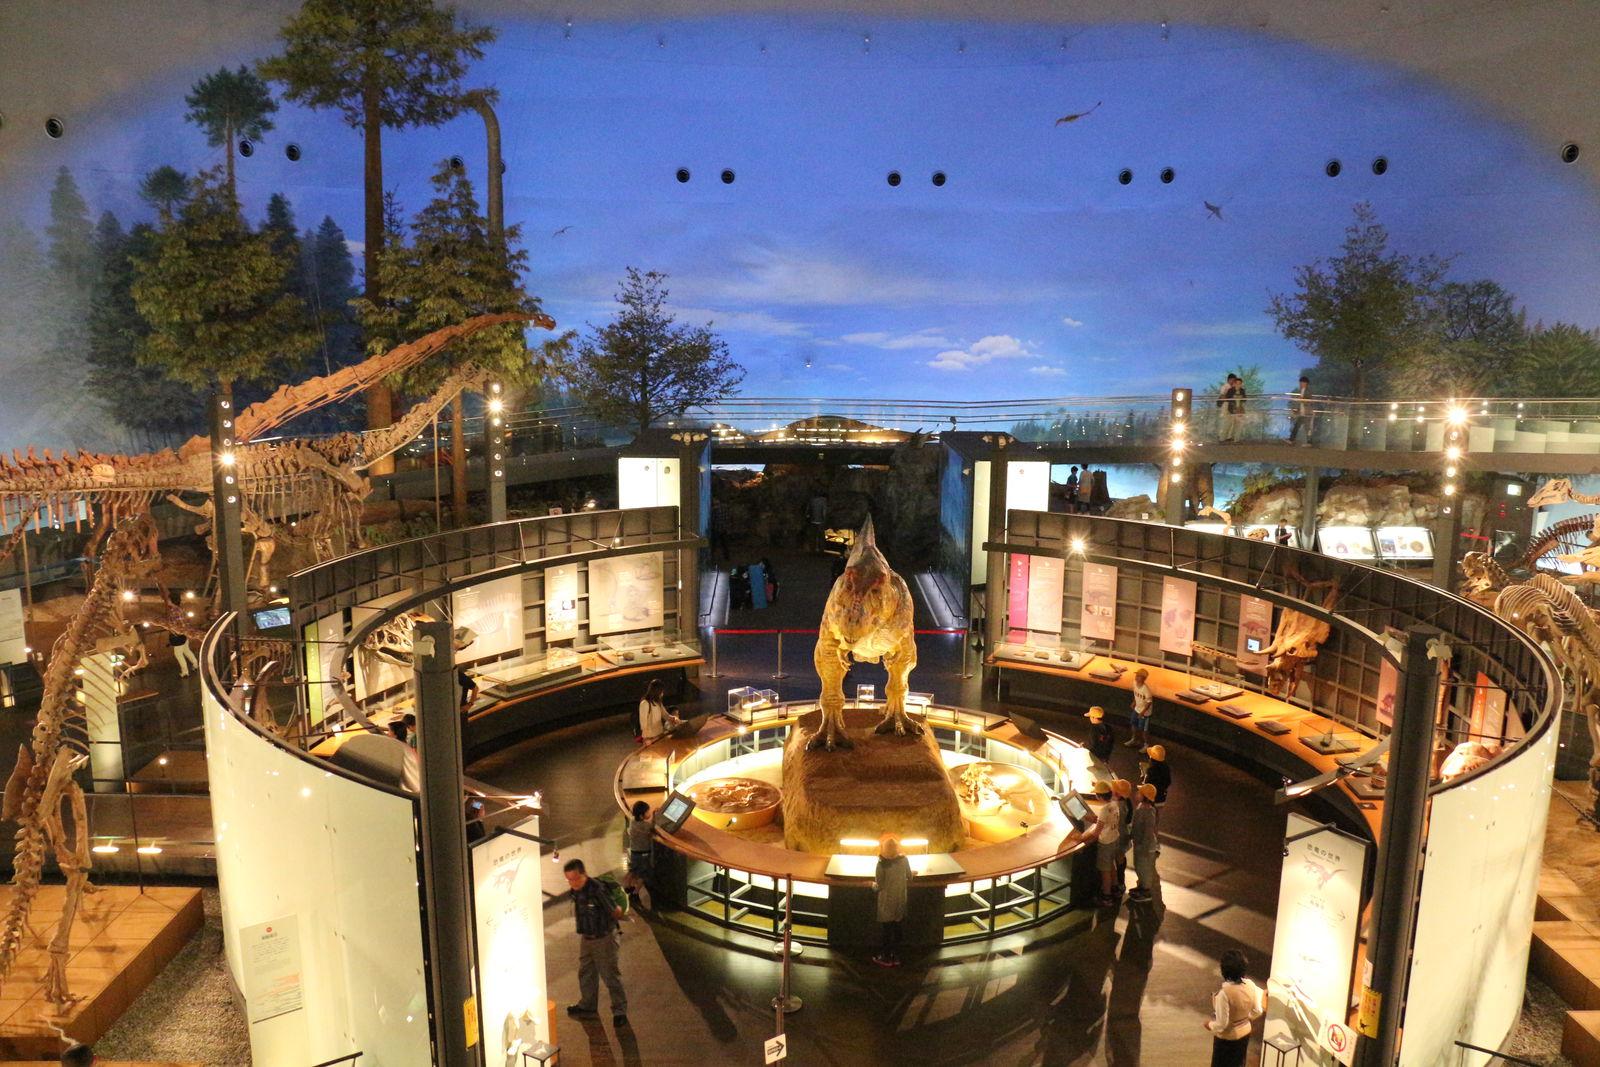 勝山を代表する観光資源の一つである「恐竜」。福井県立恐竜博物館は年々入場者数を伸ばし、2015年度の年間入場者数は90万人を突破しました